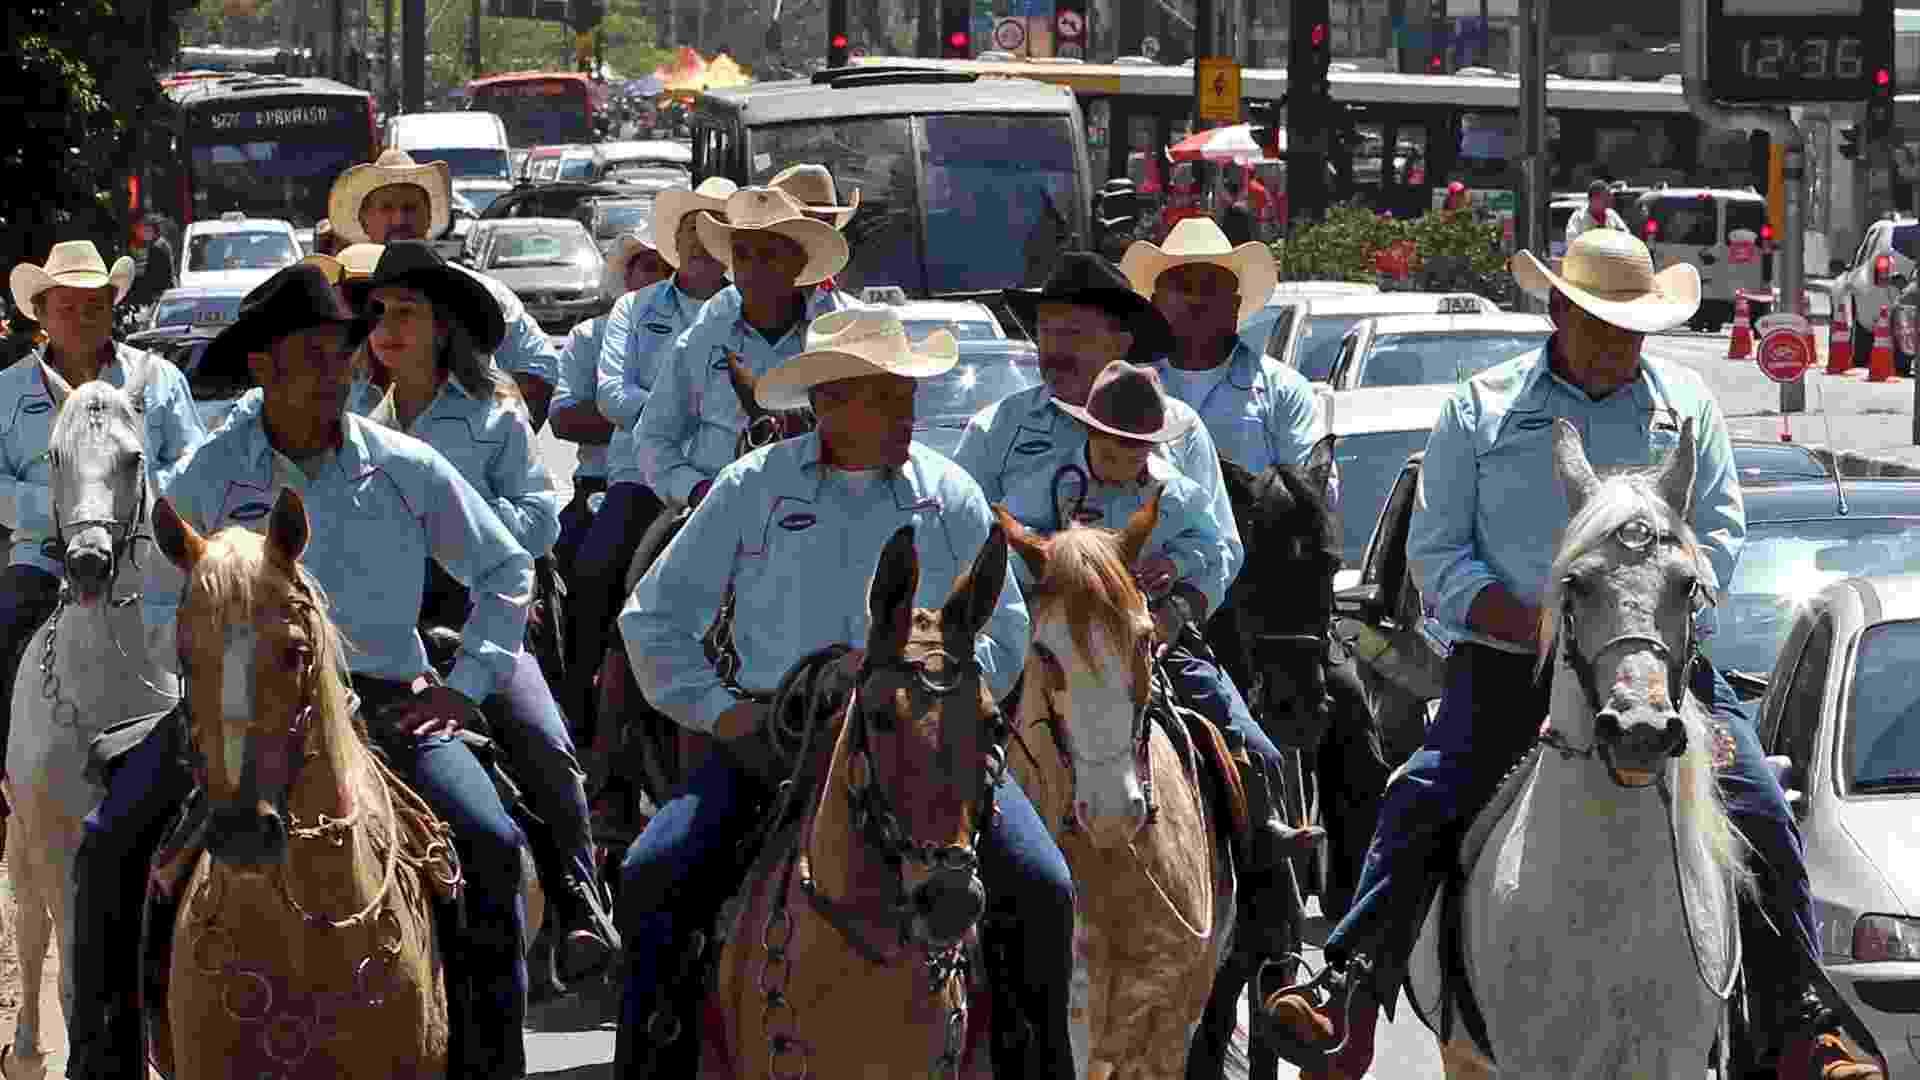 22.set.2012 - Pessoas usam cavalos para se locomover no Dia Mundial sem Carro, em São Paulo, neste sábado (22) - Paulo Whitaker/Reuters